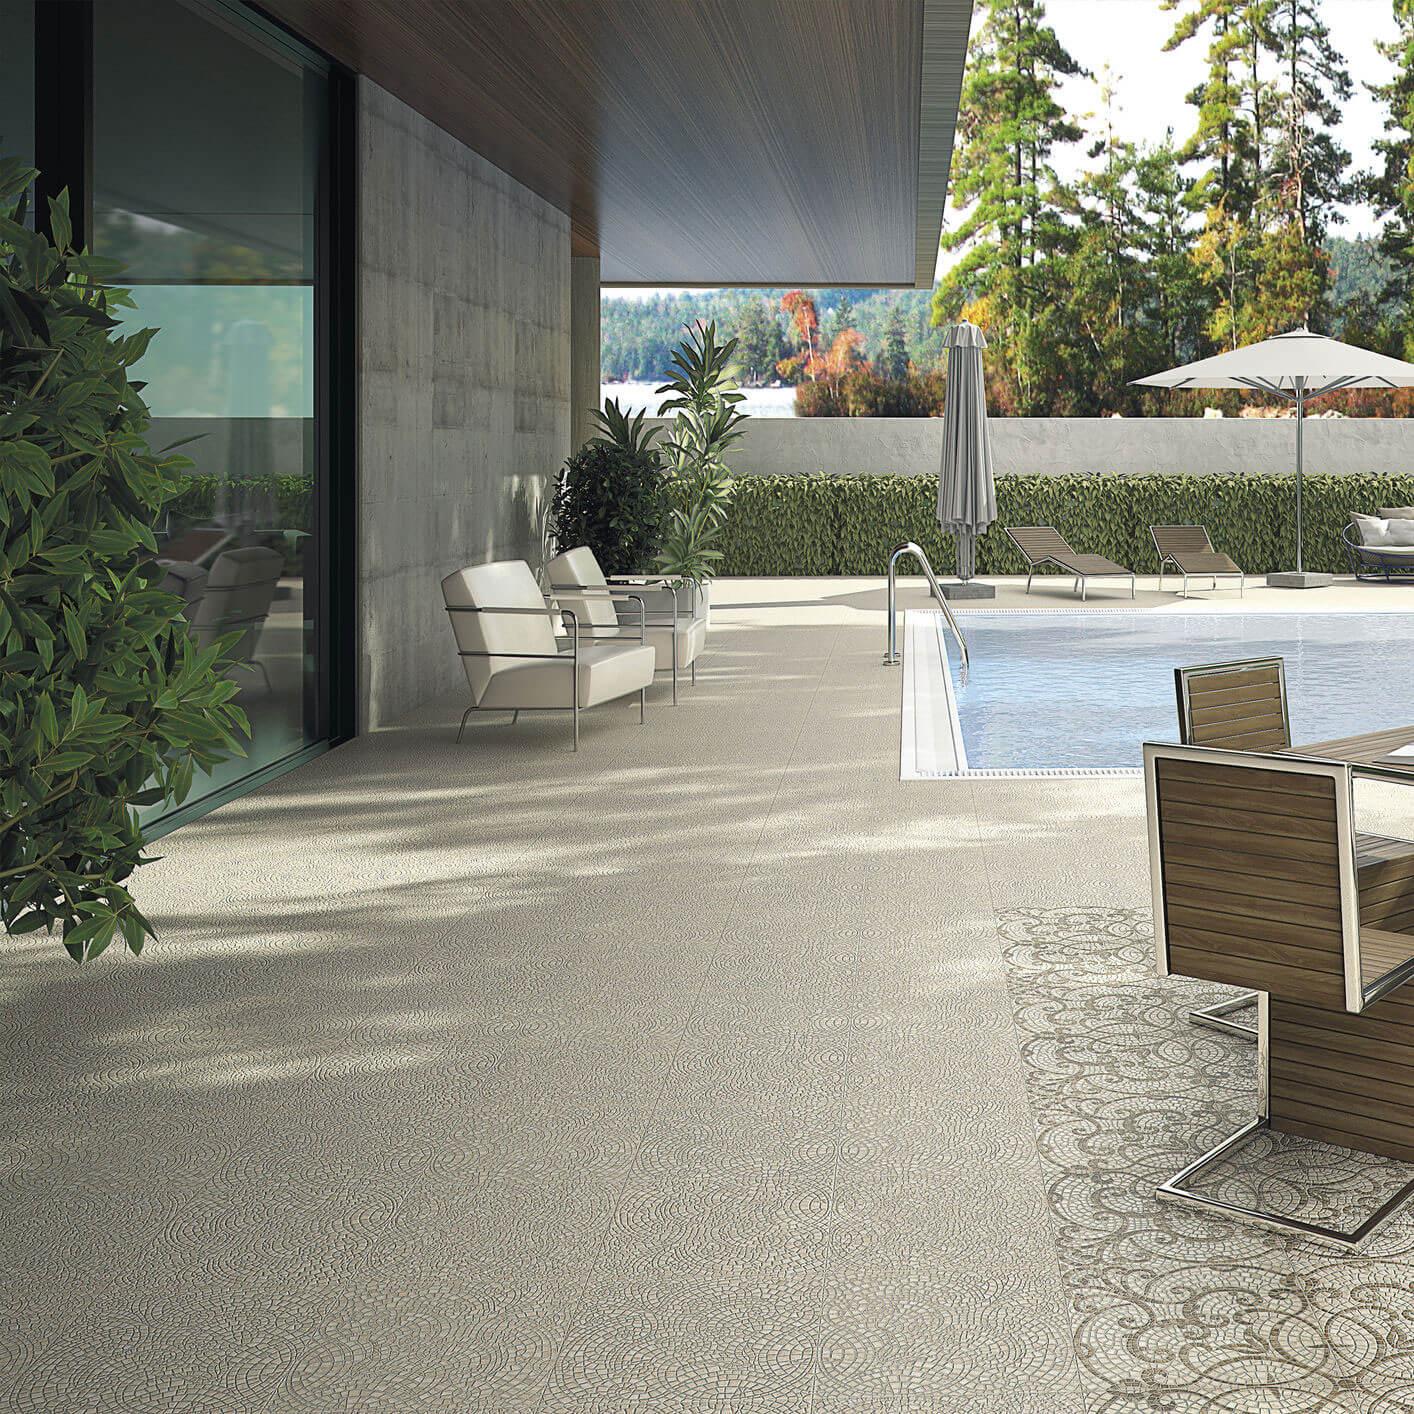 Carrelage sol exterieur aspect pavé beige Sydney Sand 45x45 cm antidérapant